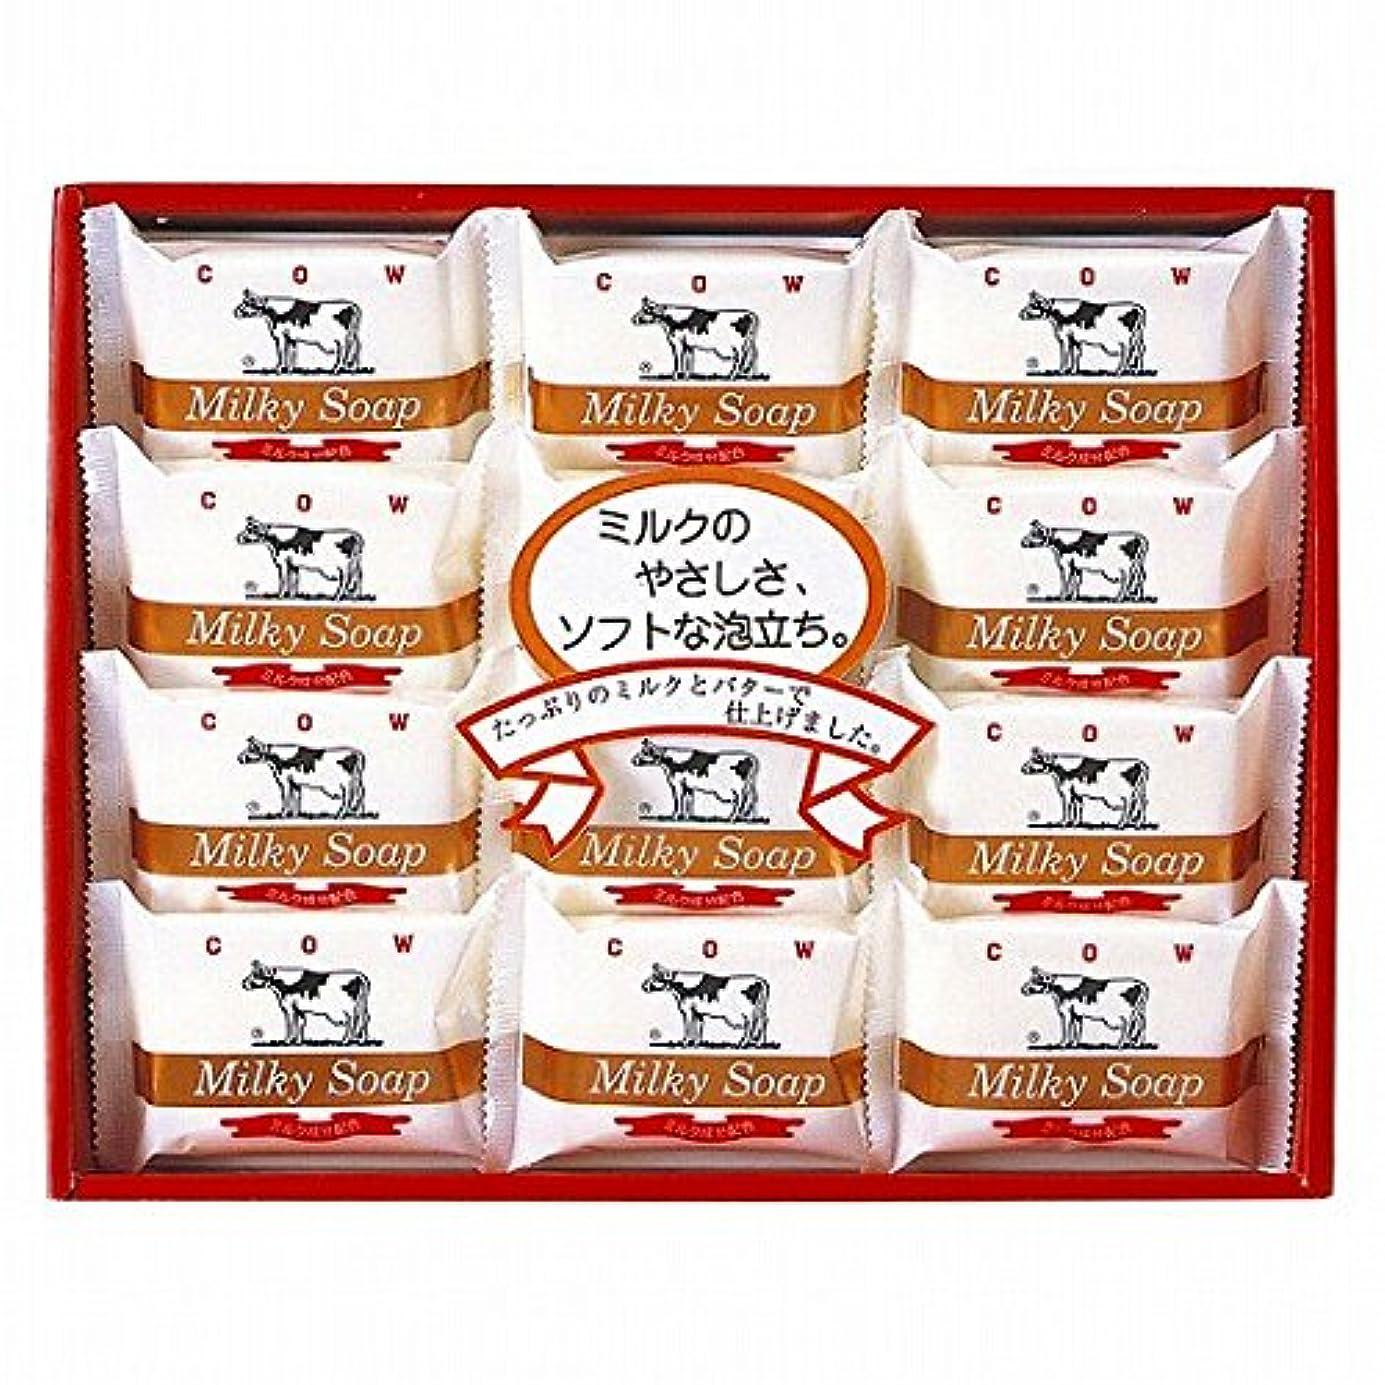 驚き収益前売nobrand 牛乳石鹸 ゴールドソープセット (21940005)